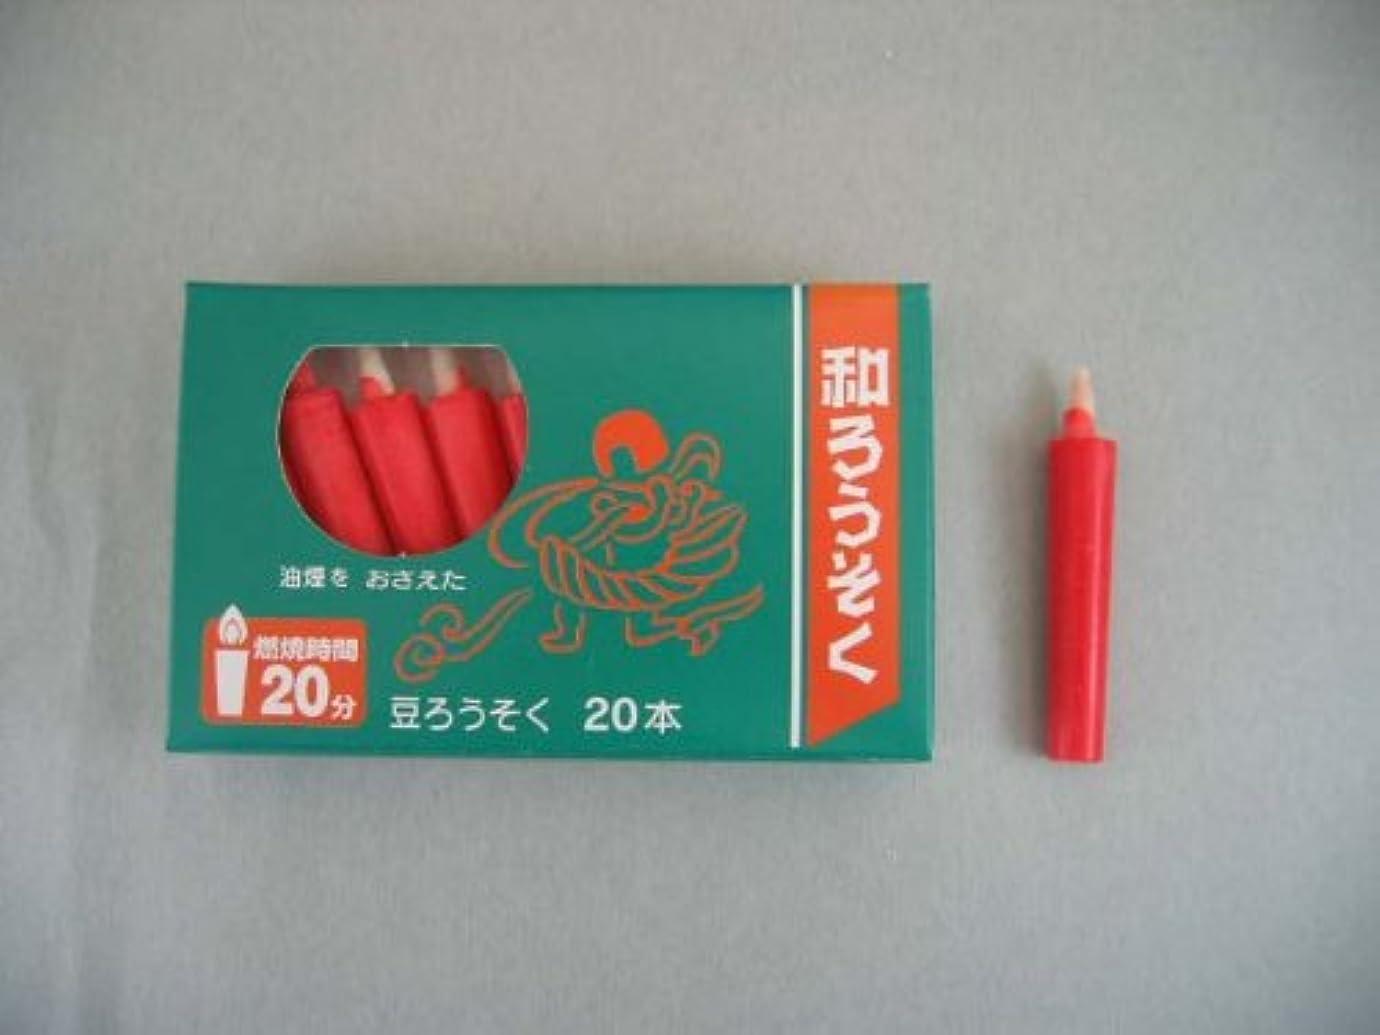 崇拝するキリンこだわり和ろうそく 【朱】 型和蝋燭 ローソク 豆型 棒タイプ 朱色 小箱 20本入り